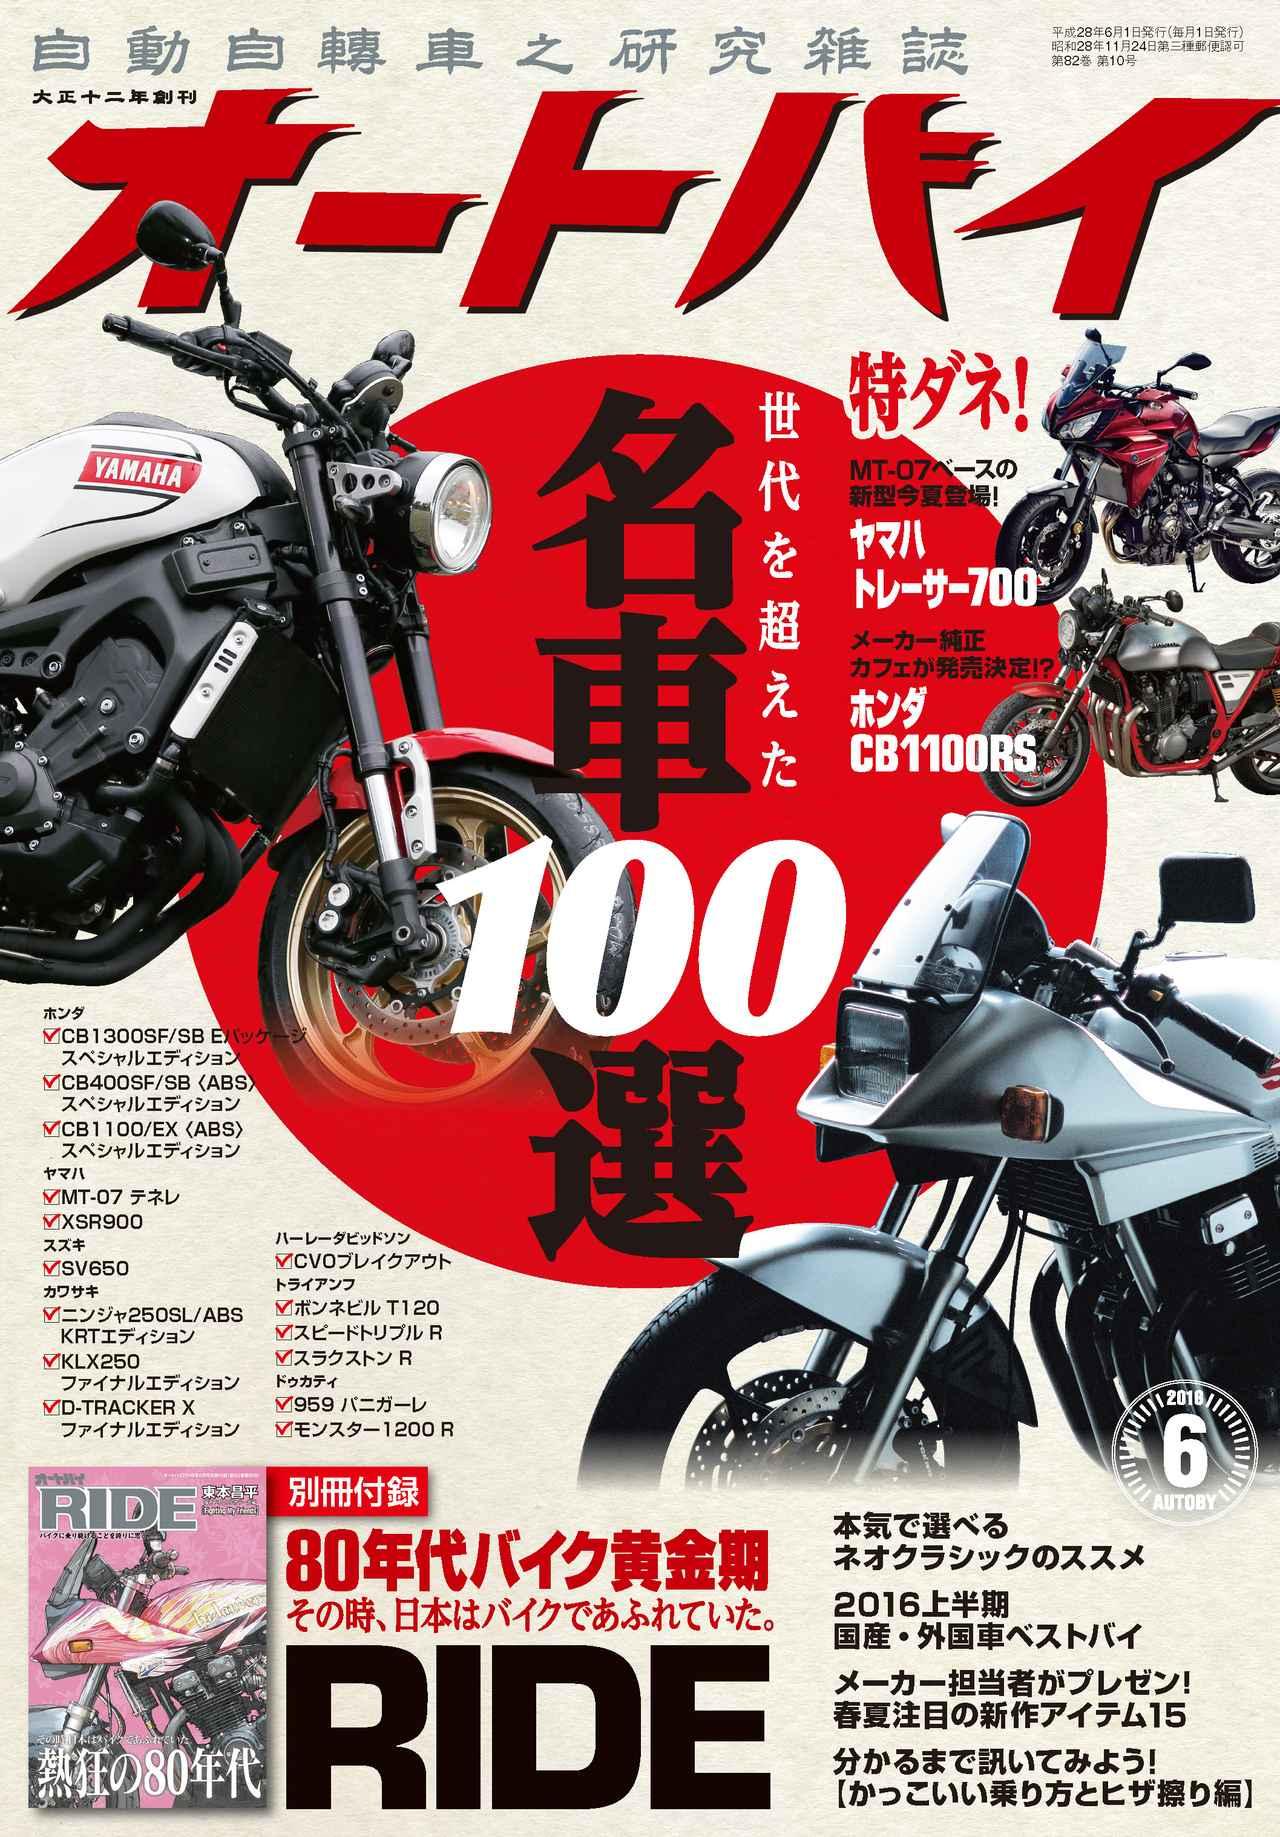 画像: オートバイ2016年6月号 ■価格:980円 ■発売日:2016年4月30日(土)